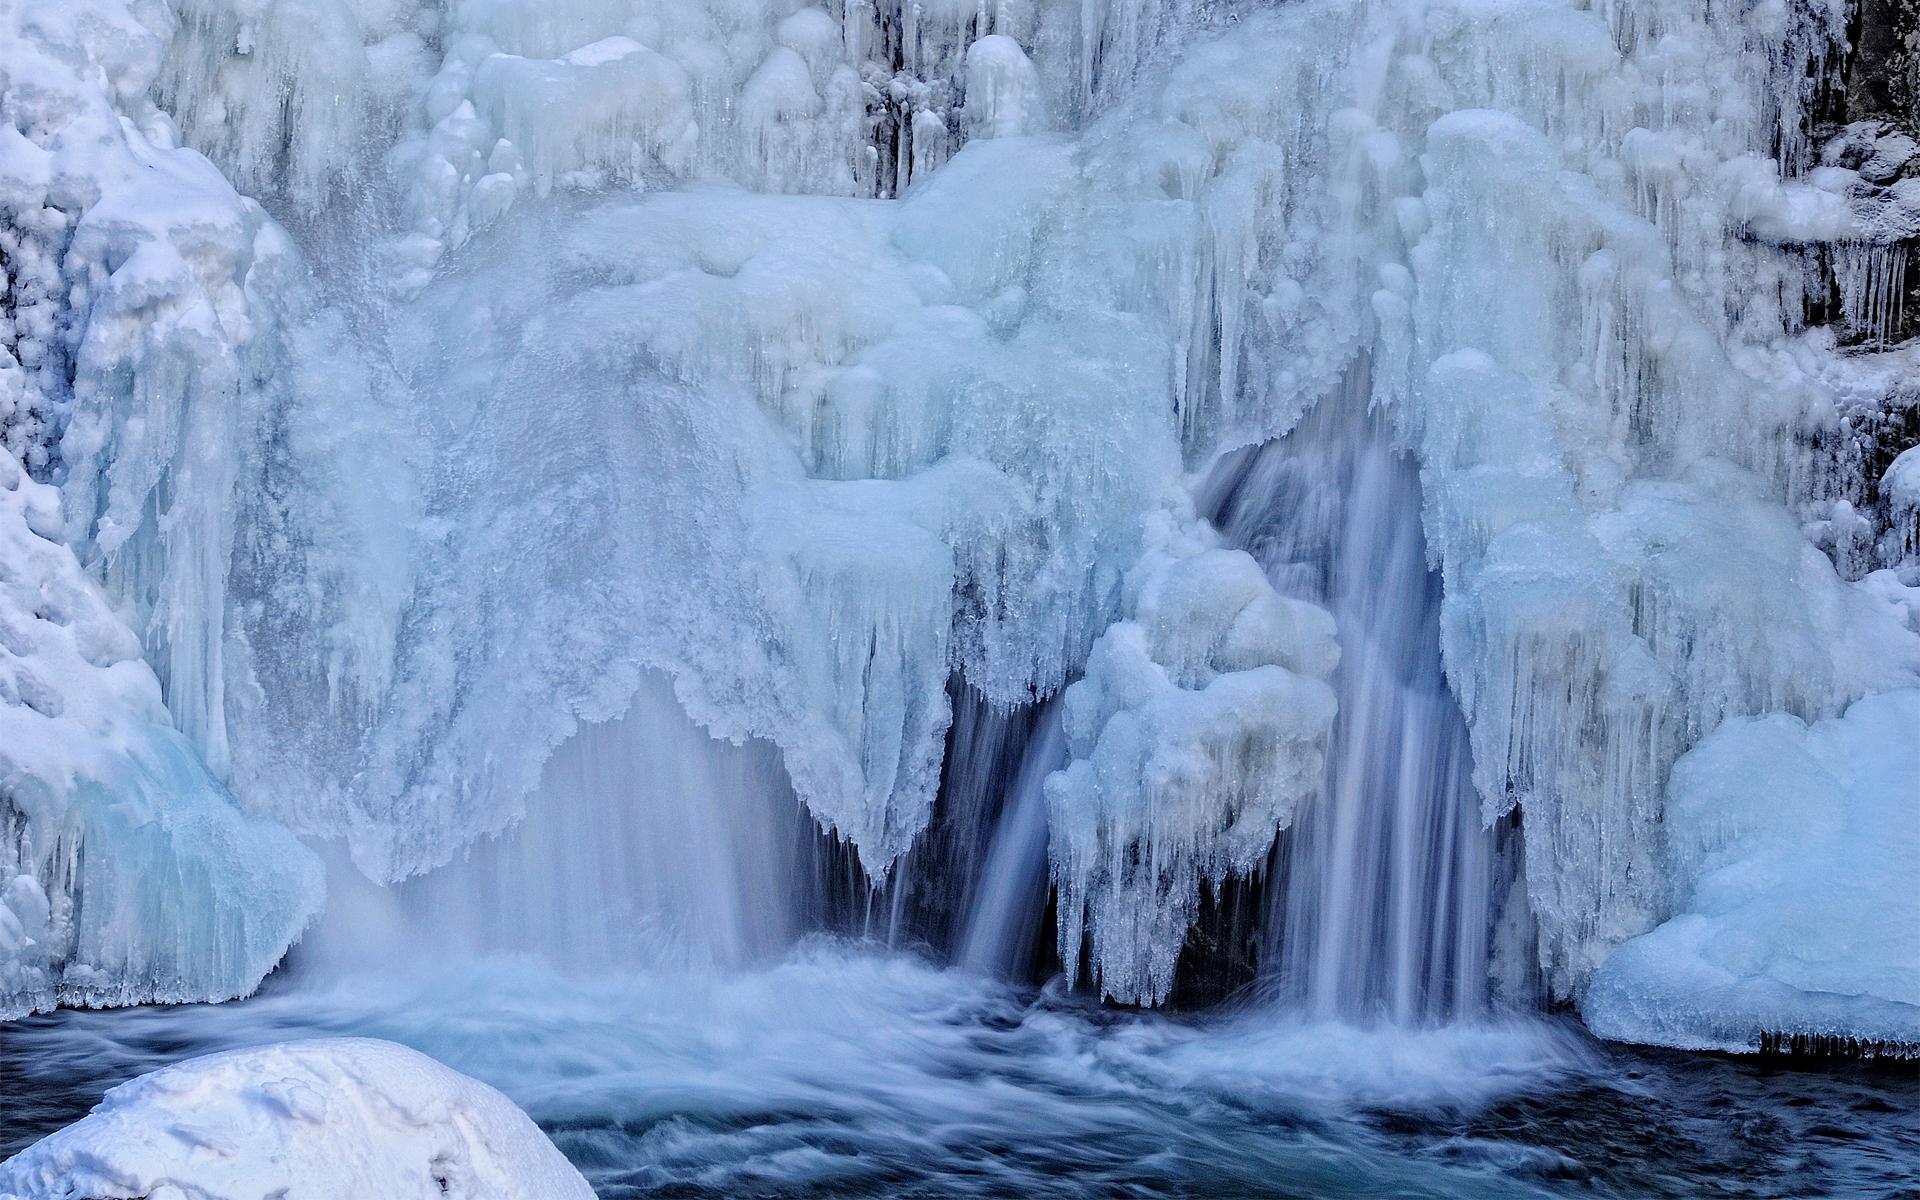 обои для рабочего стола зима водопады № 467072 загрузить